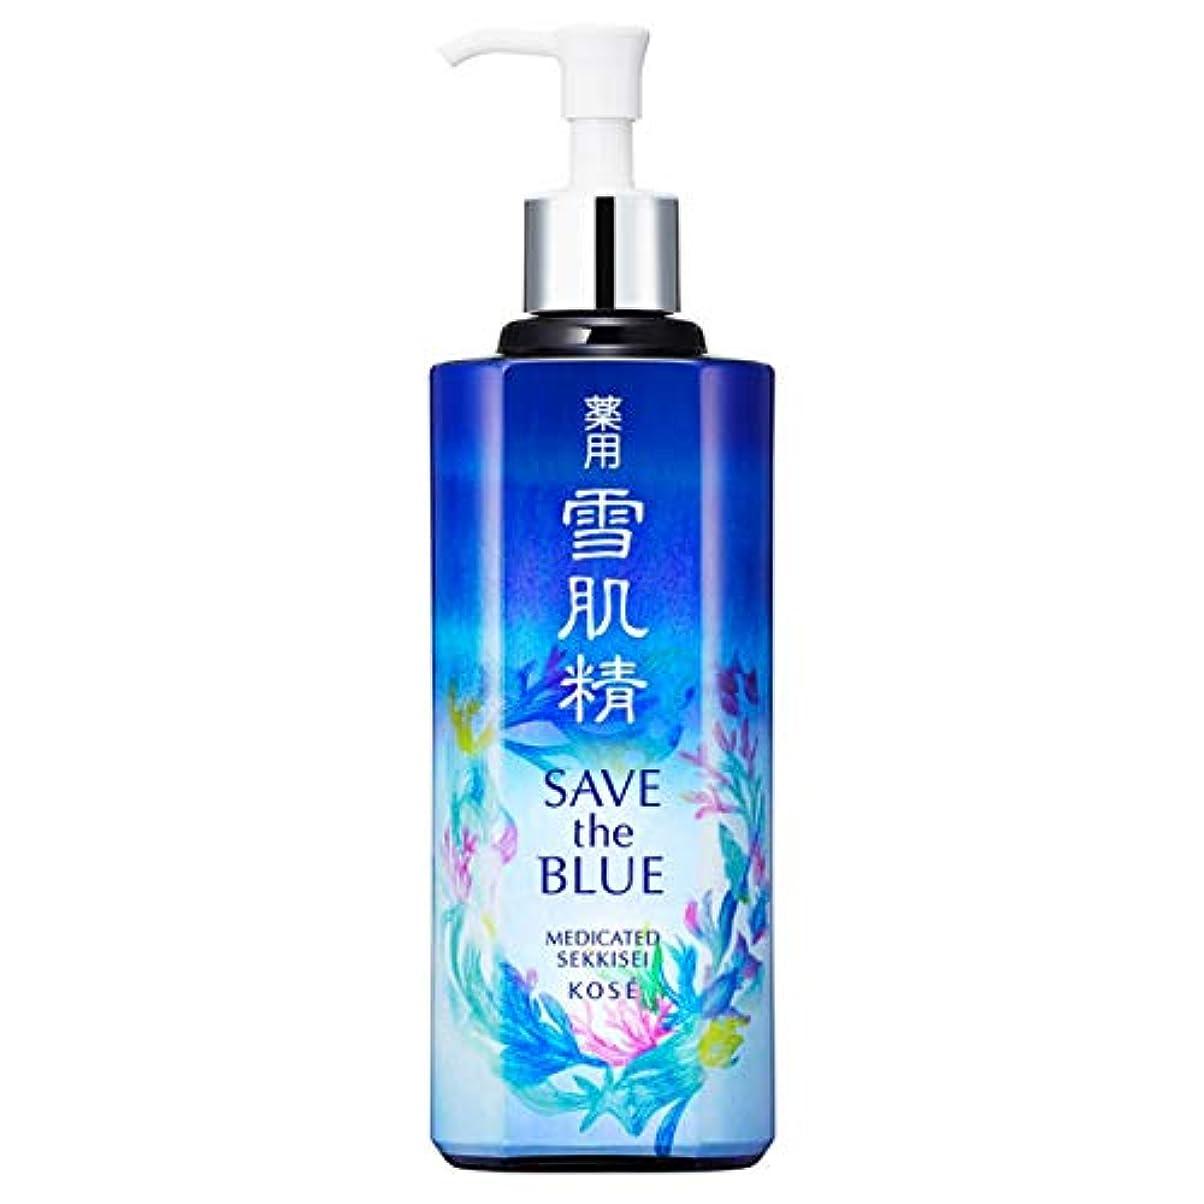 啓示全部絵コーセー 雪肌精 化粧水 「SAVE the BLUE」デザインボトル(みずみずしいタイプ) 500ml【限定】